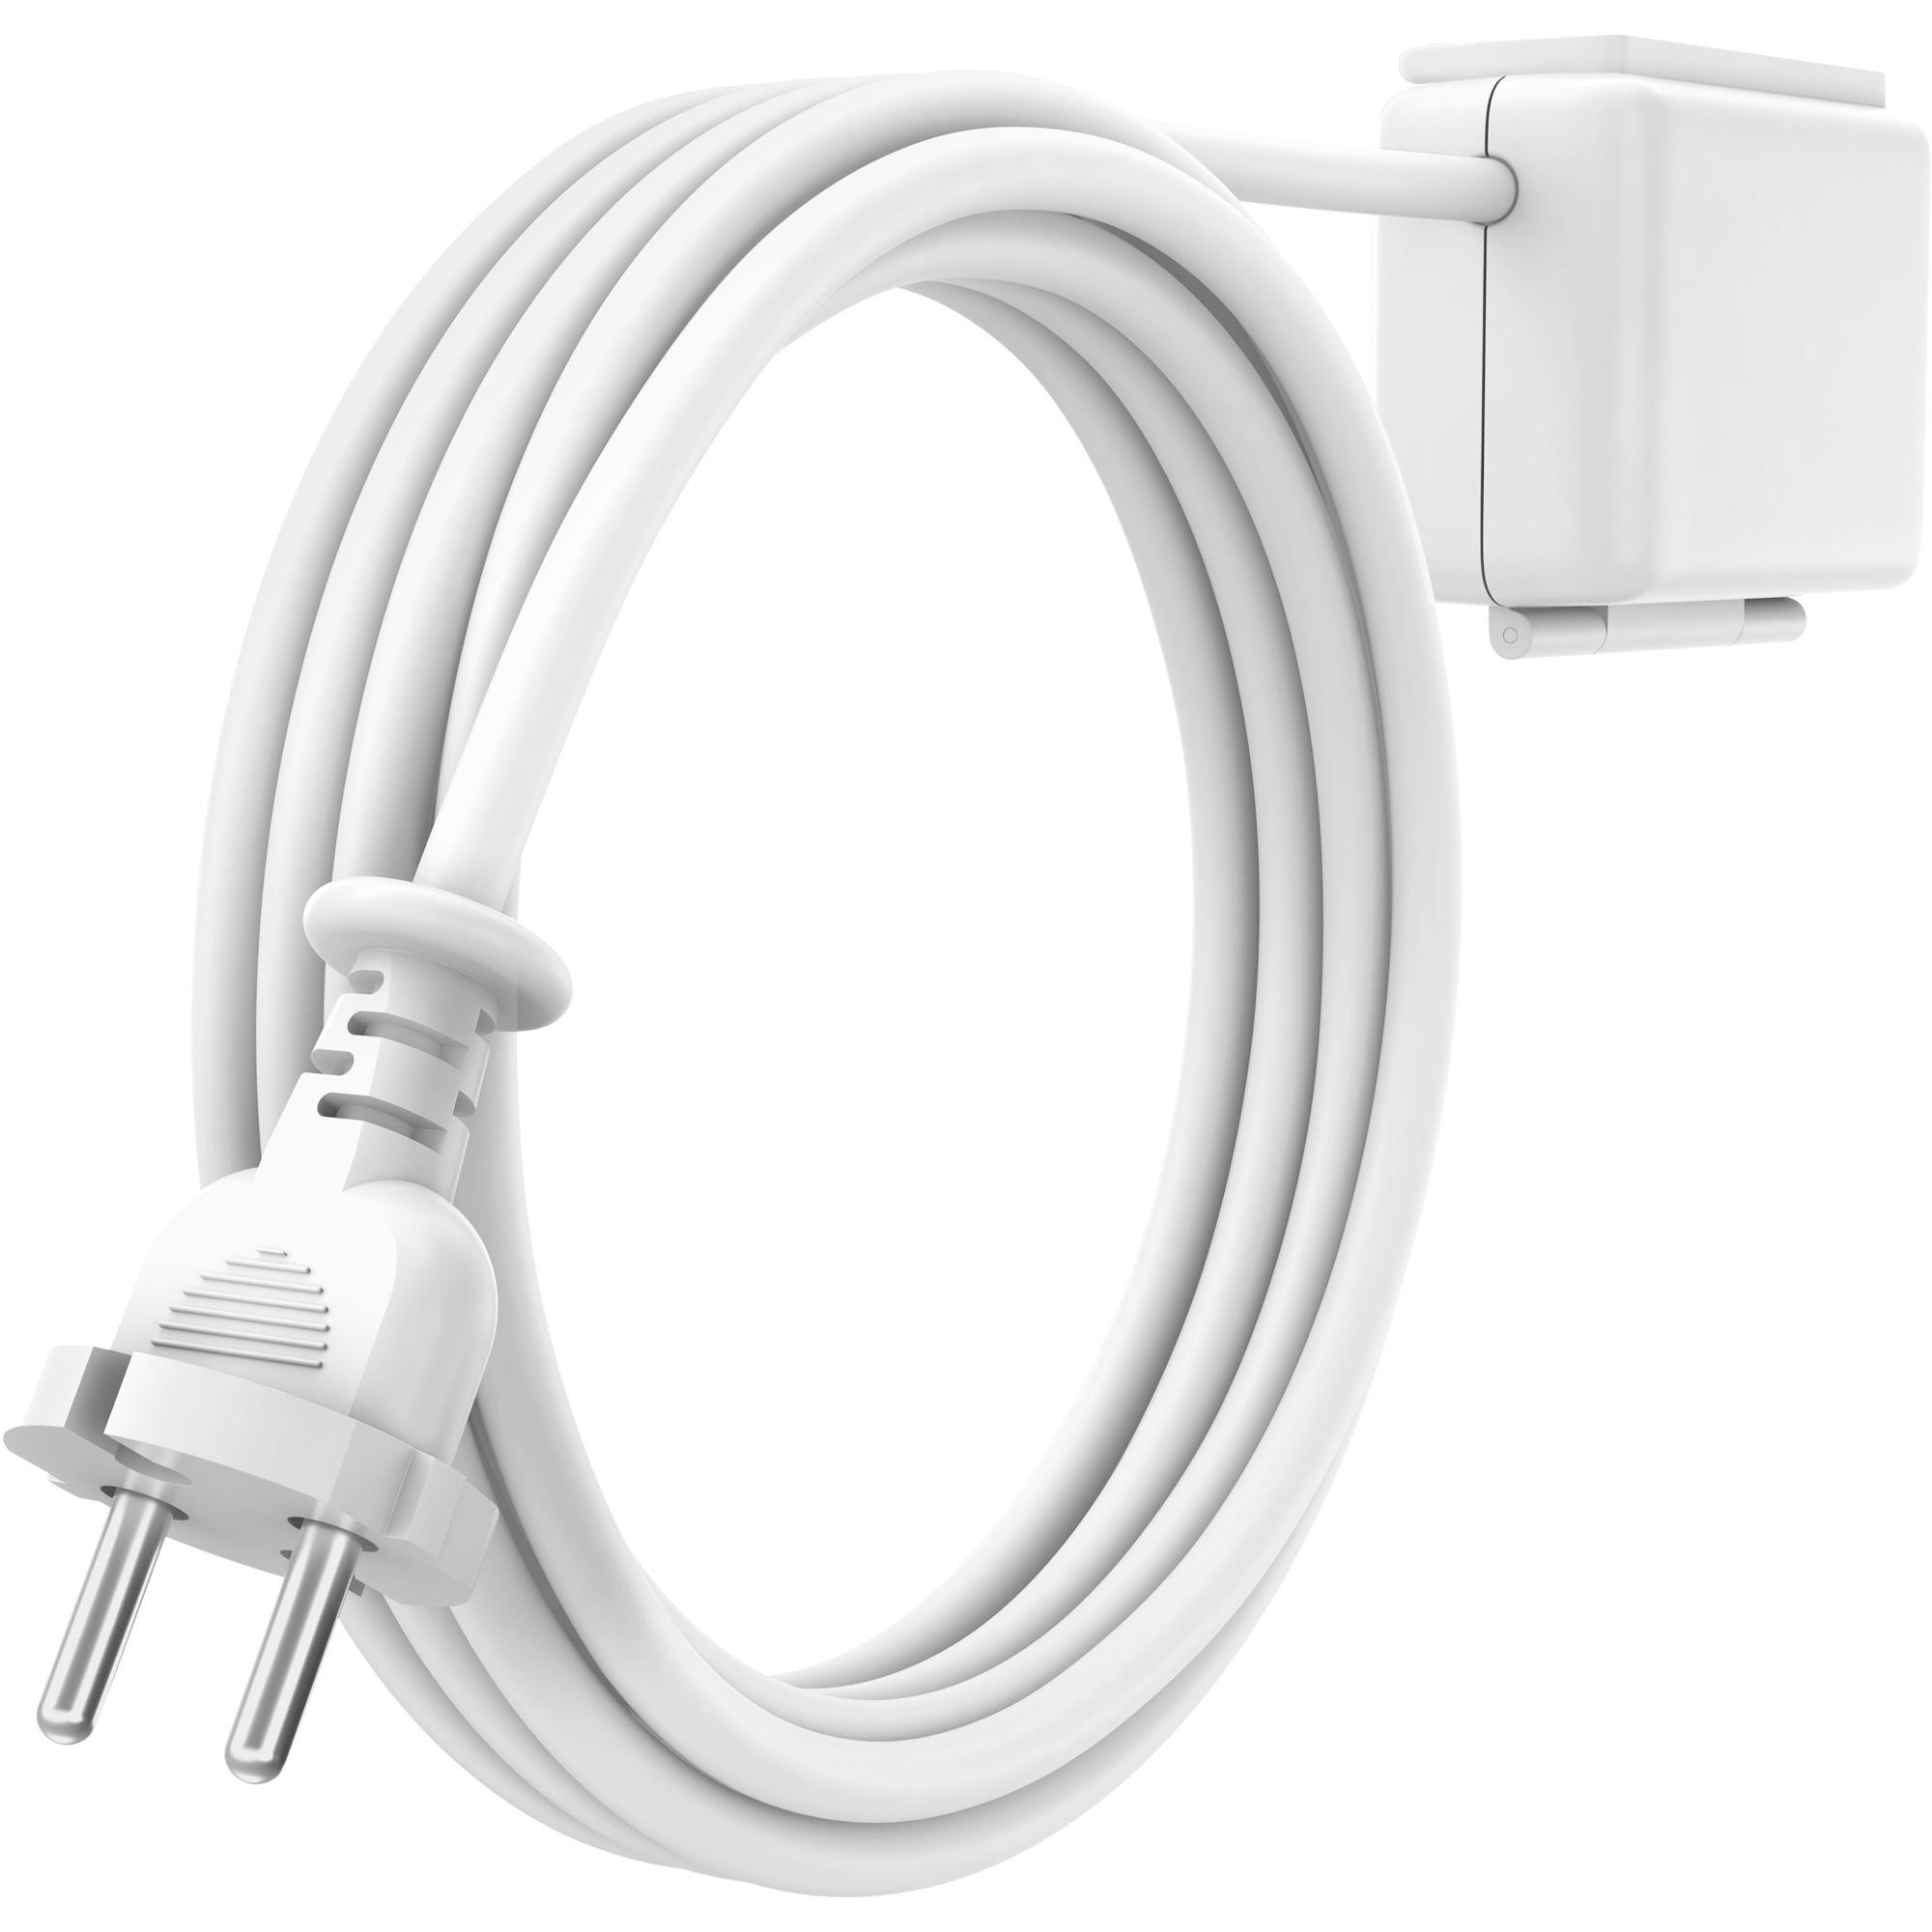 961-000439 Sistema de alimentación cámaras de seguridad y montaje para vivienda, Cable